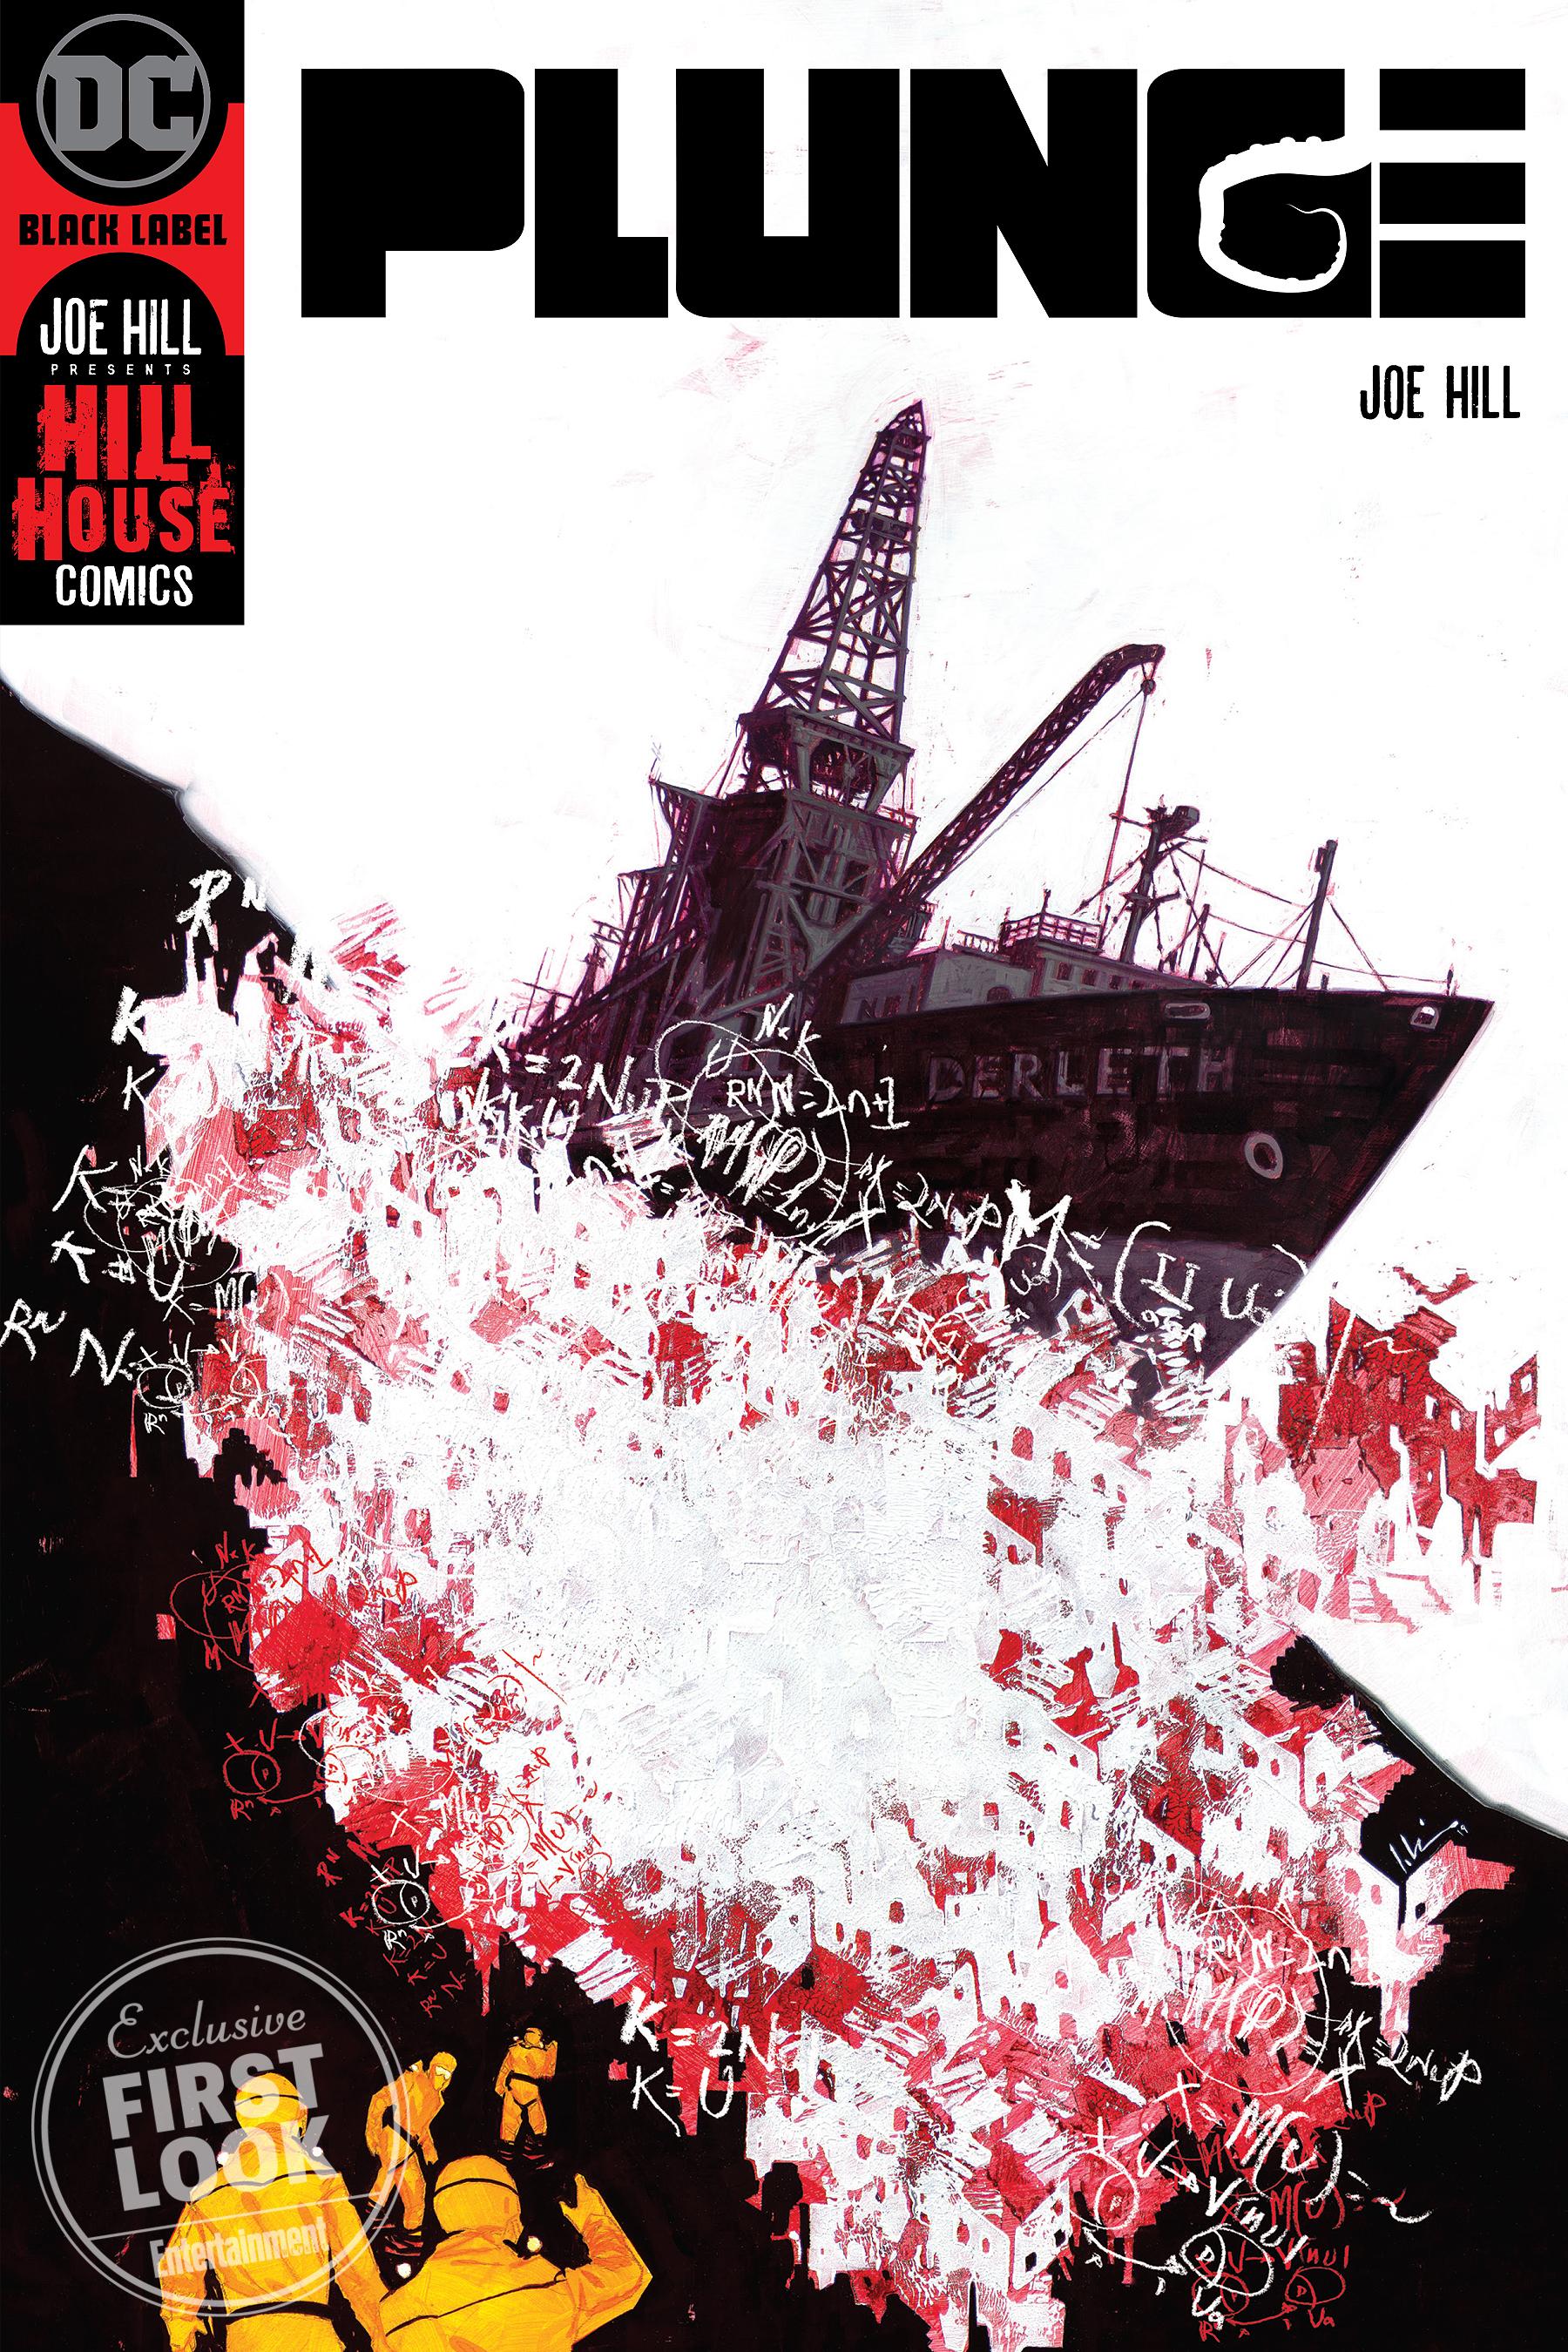 Джо Хилл станет куратором серии хоррор-комиксов DC 4